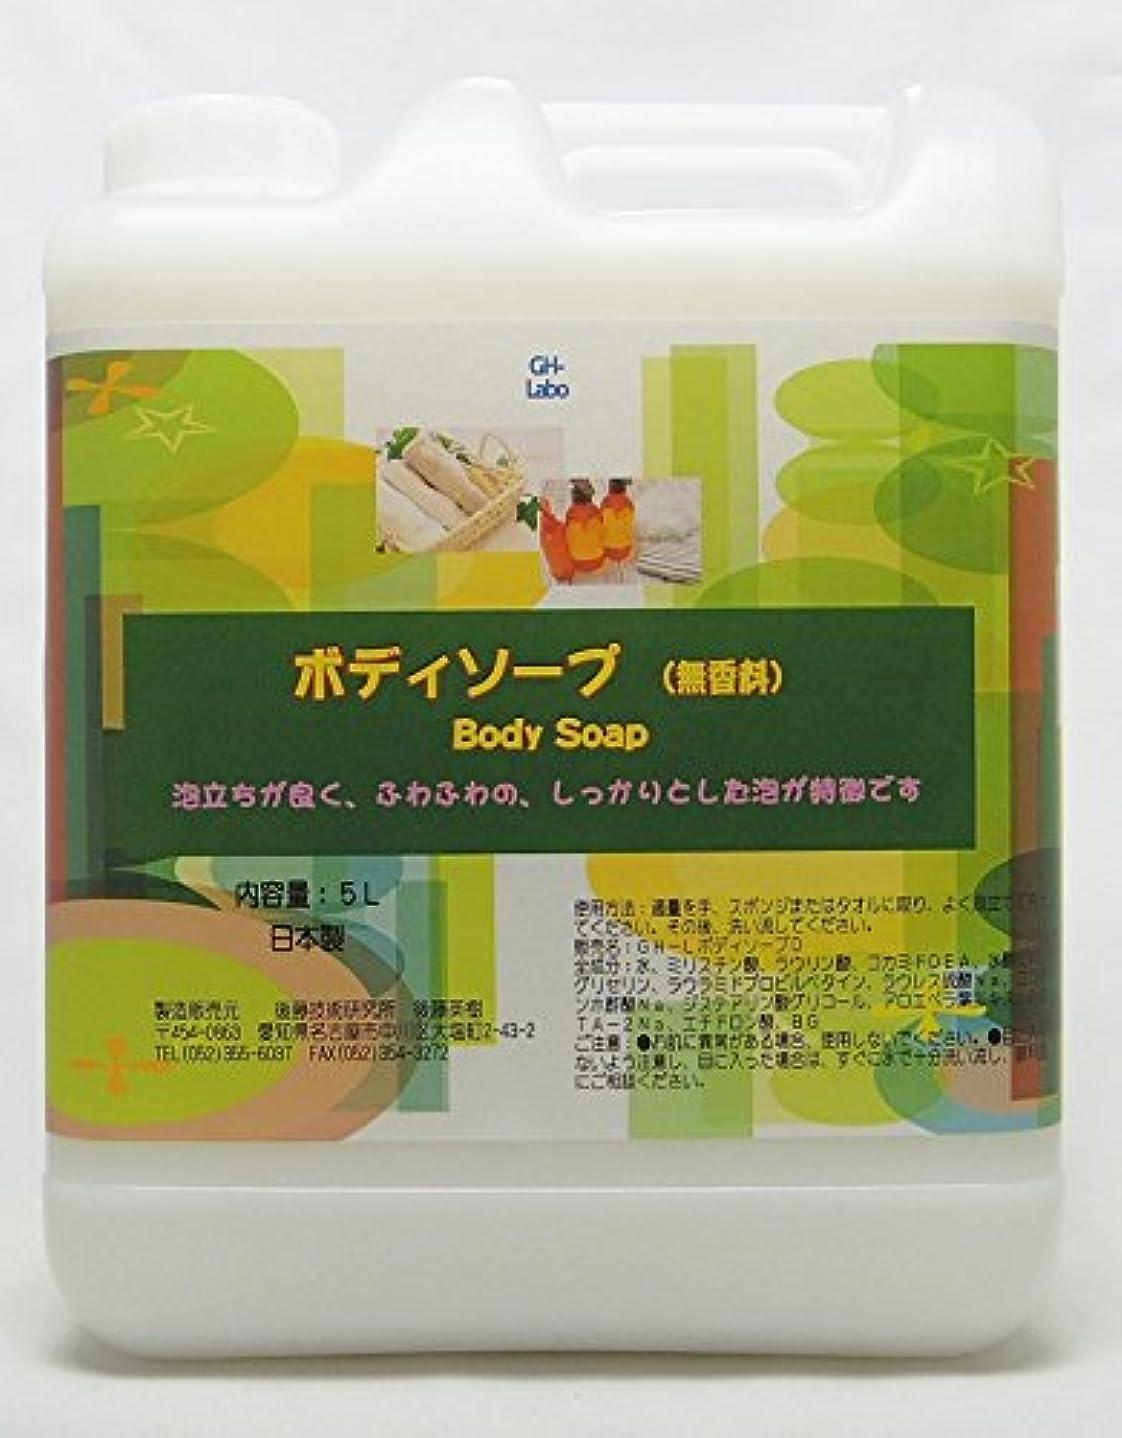 腐敗遅いフォージGH-Labo 業務用ボディソープ 無香料 5L